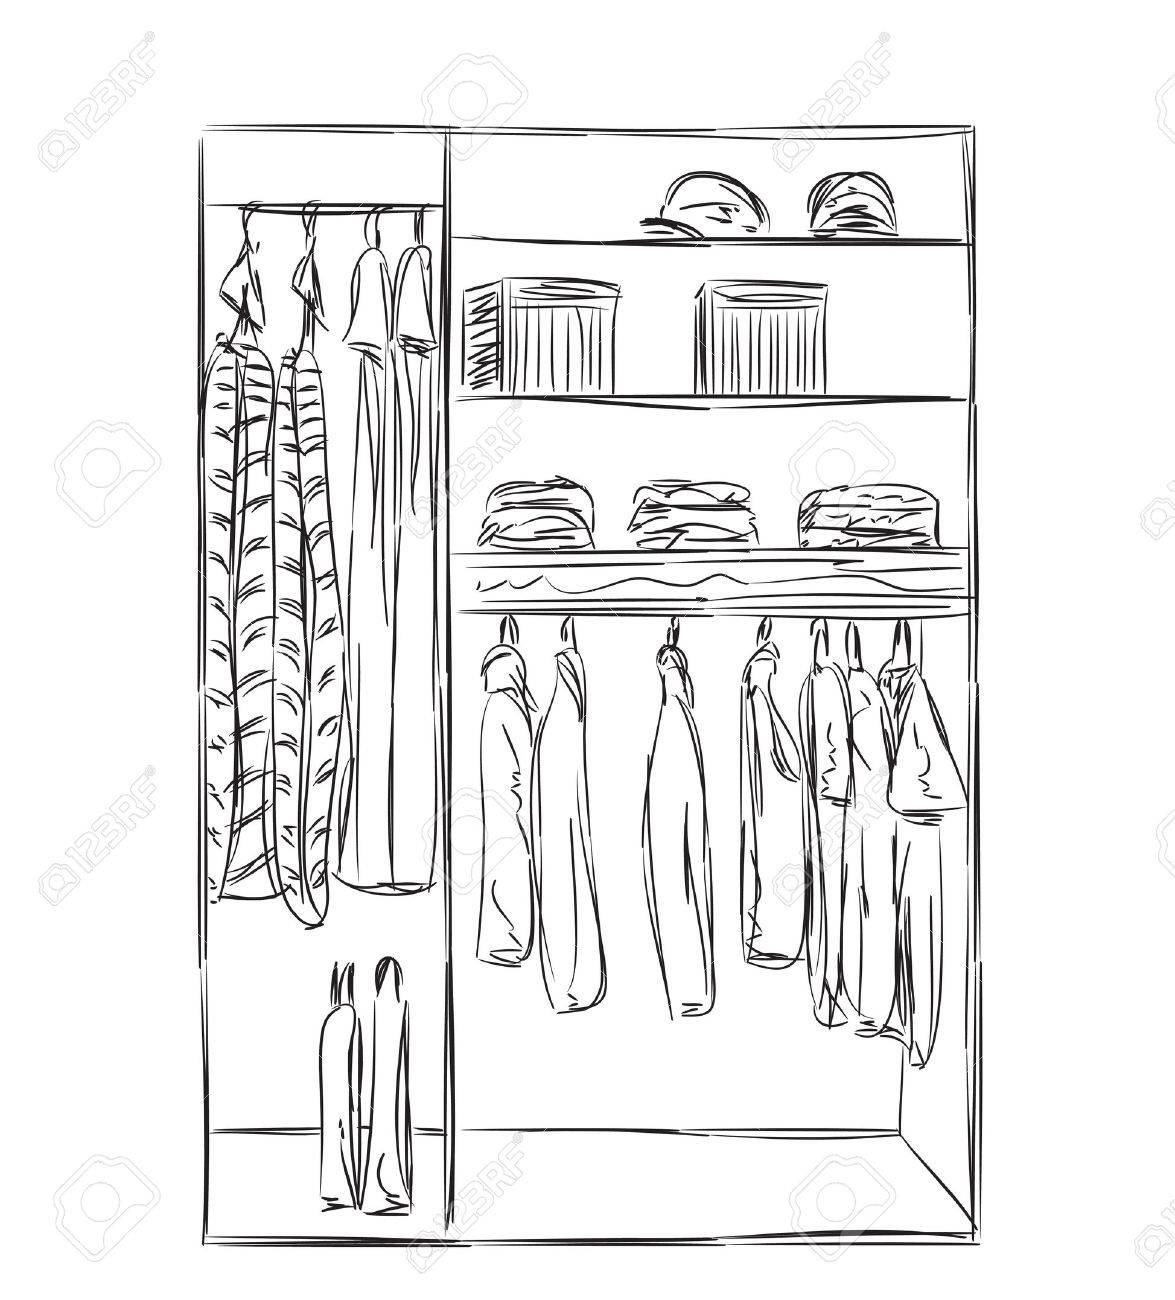 Kleiderschrank gezeichnet  Hand Gezeichnet Kleiderschrank Skizze. Zimmer Inter Mit Kleidung ...